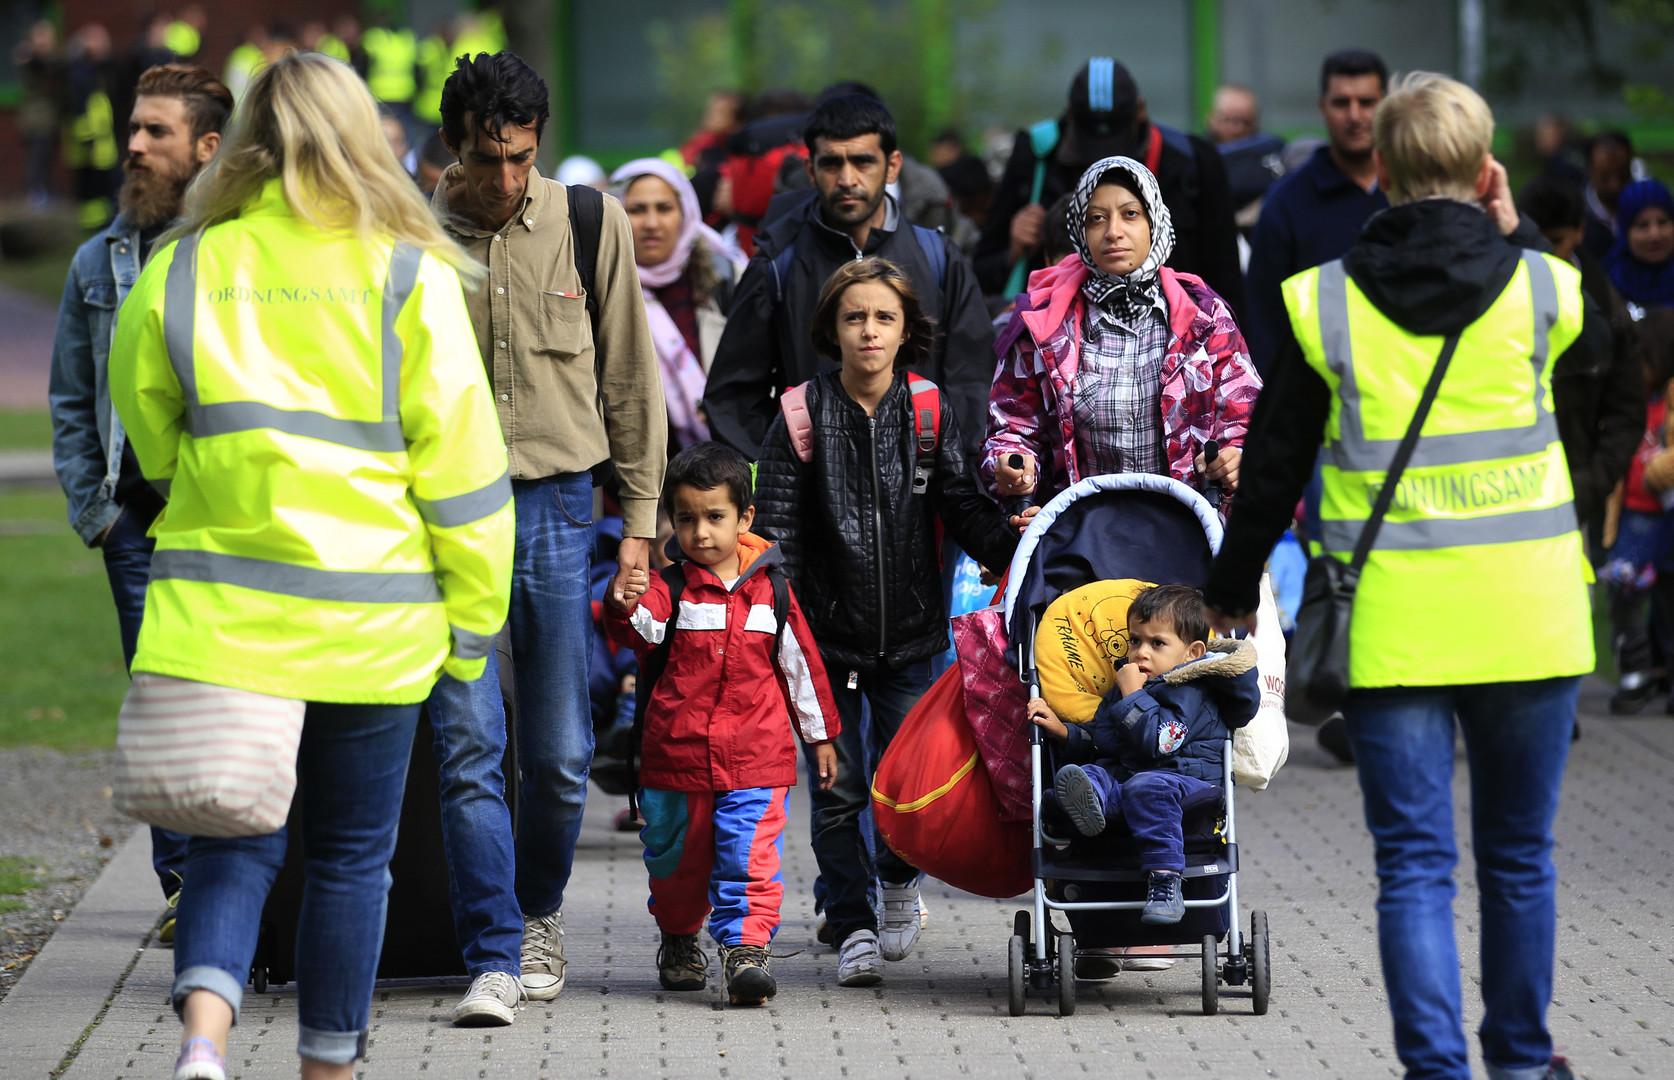 مهاجرون سوريون في مدينة دورتموند الألمانية